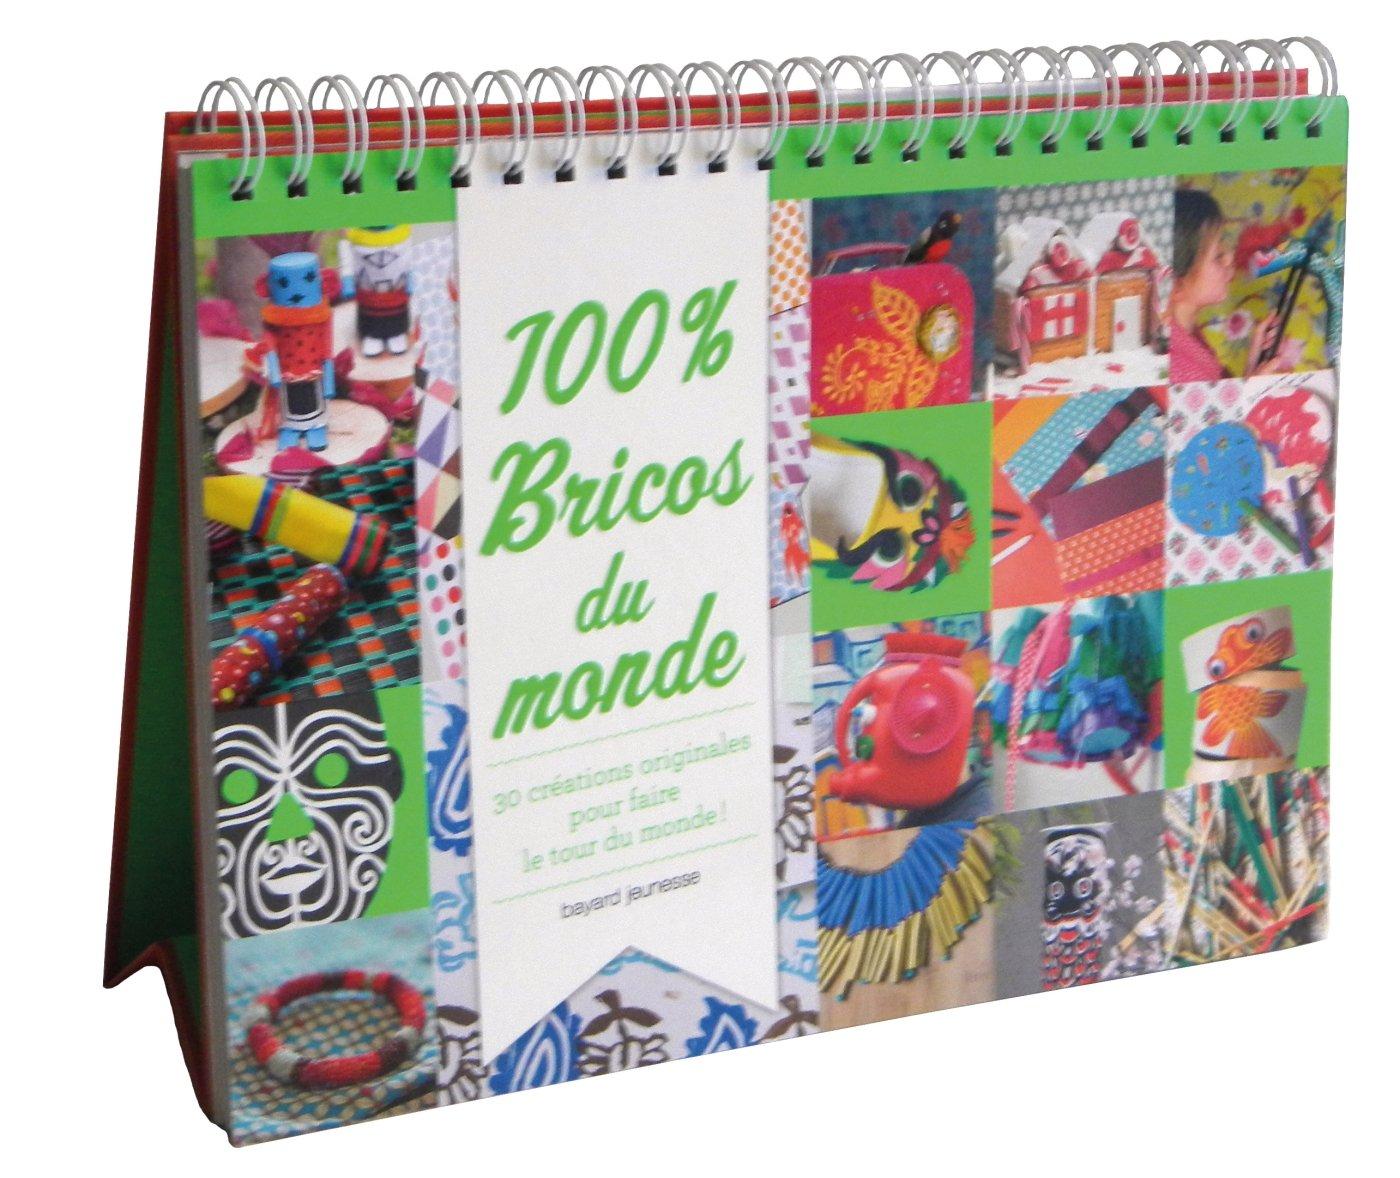 Amazon.fr - 100 % bricos du monde - Bruno Muscat, Charlotte Vannier, MARIE  ASSENAT, Virginie Rousset, Benoît Teillet - Livres